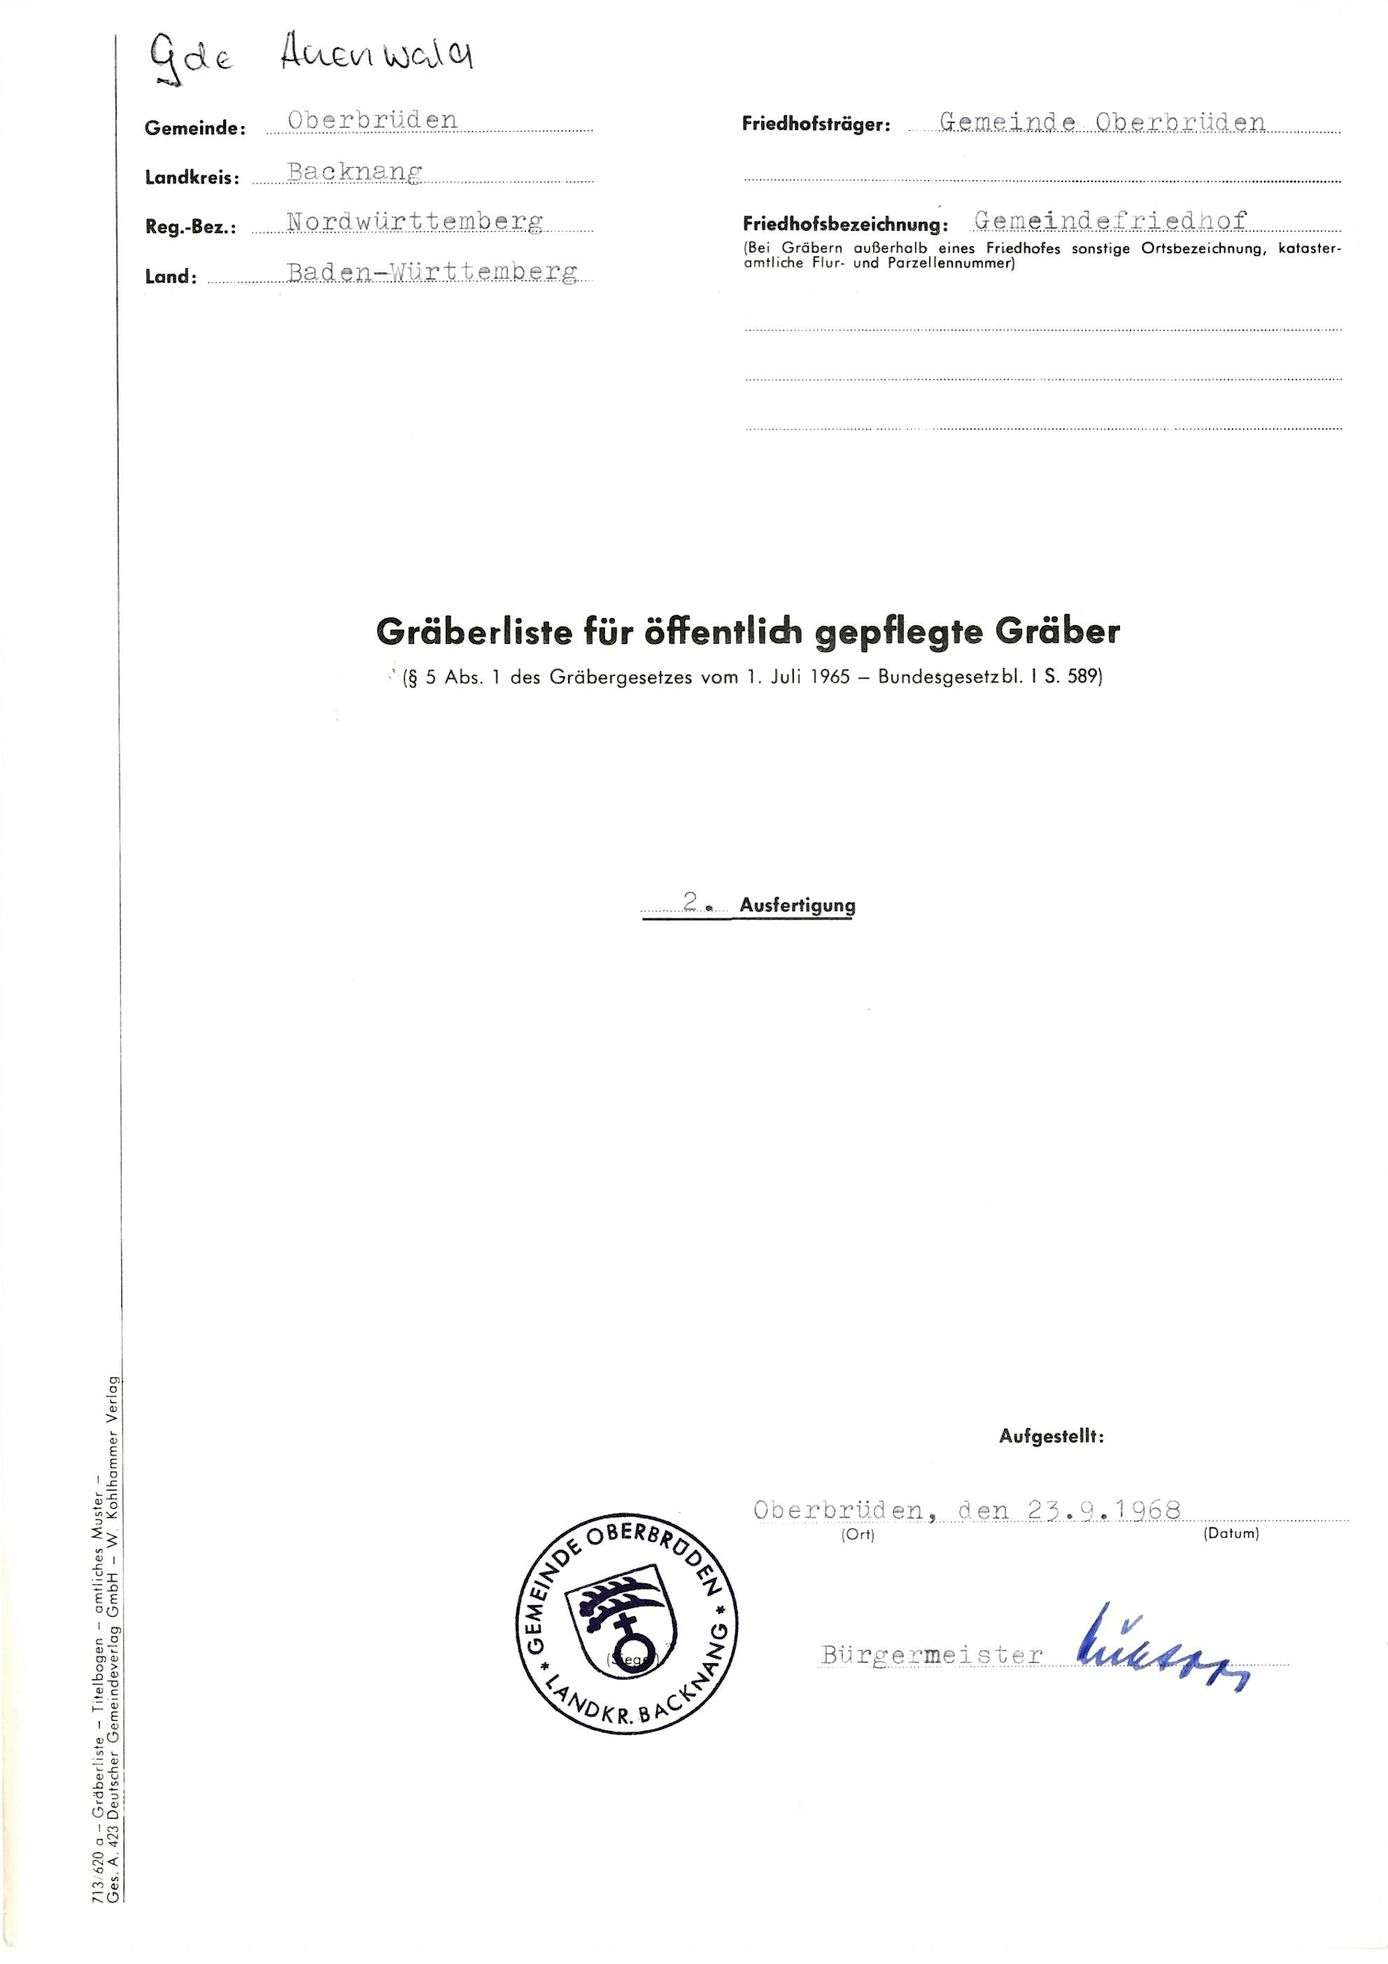 Oberbrüden, Bild 1